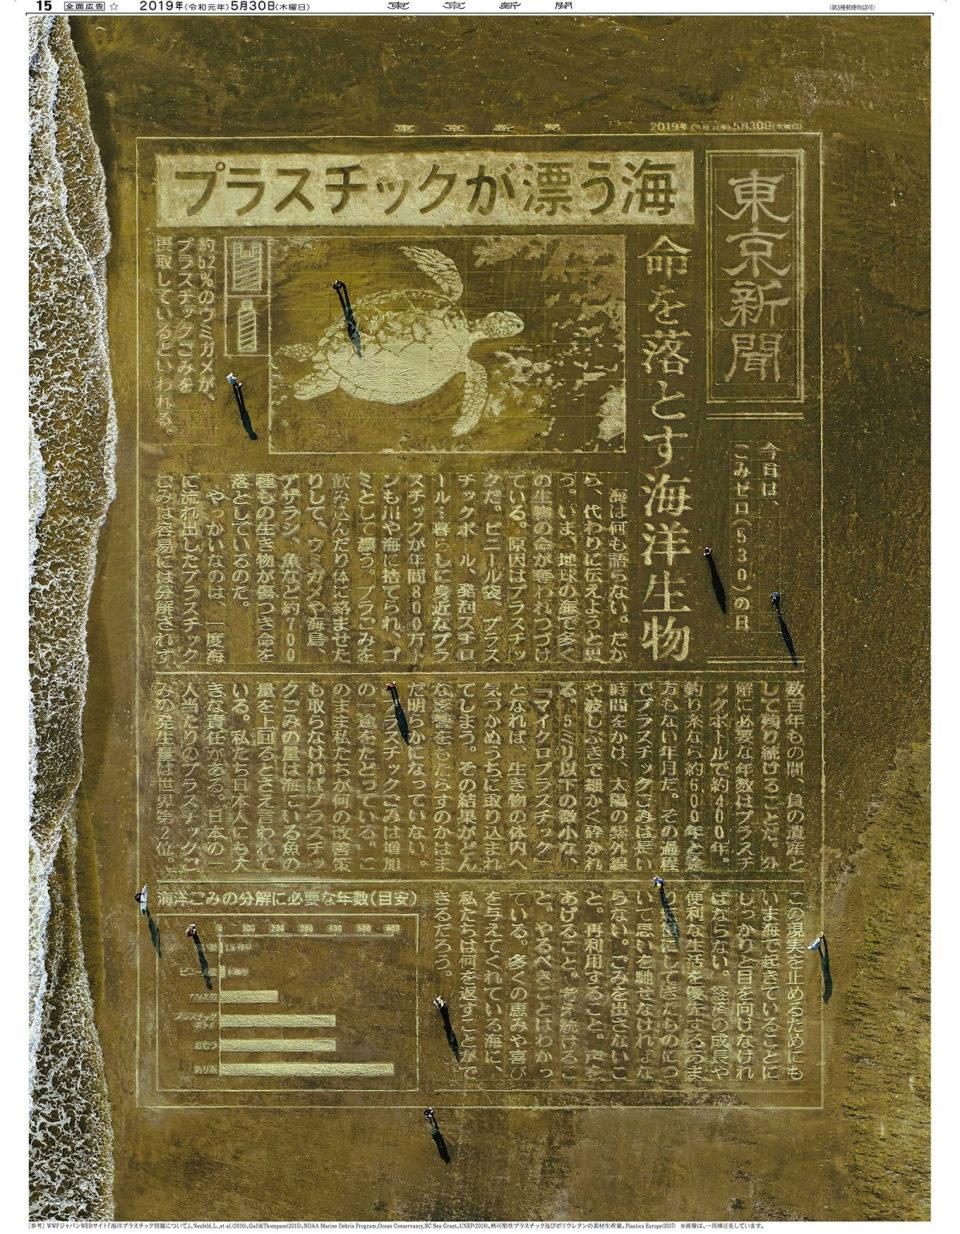 Борьба с пластиком: в Японии создали гигантскую газету на песке , фото-1